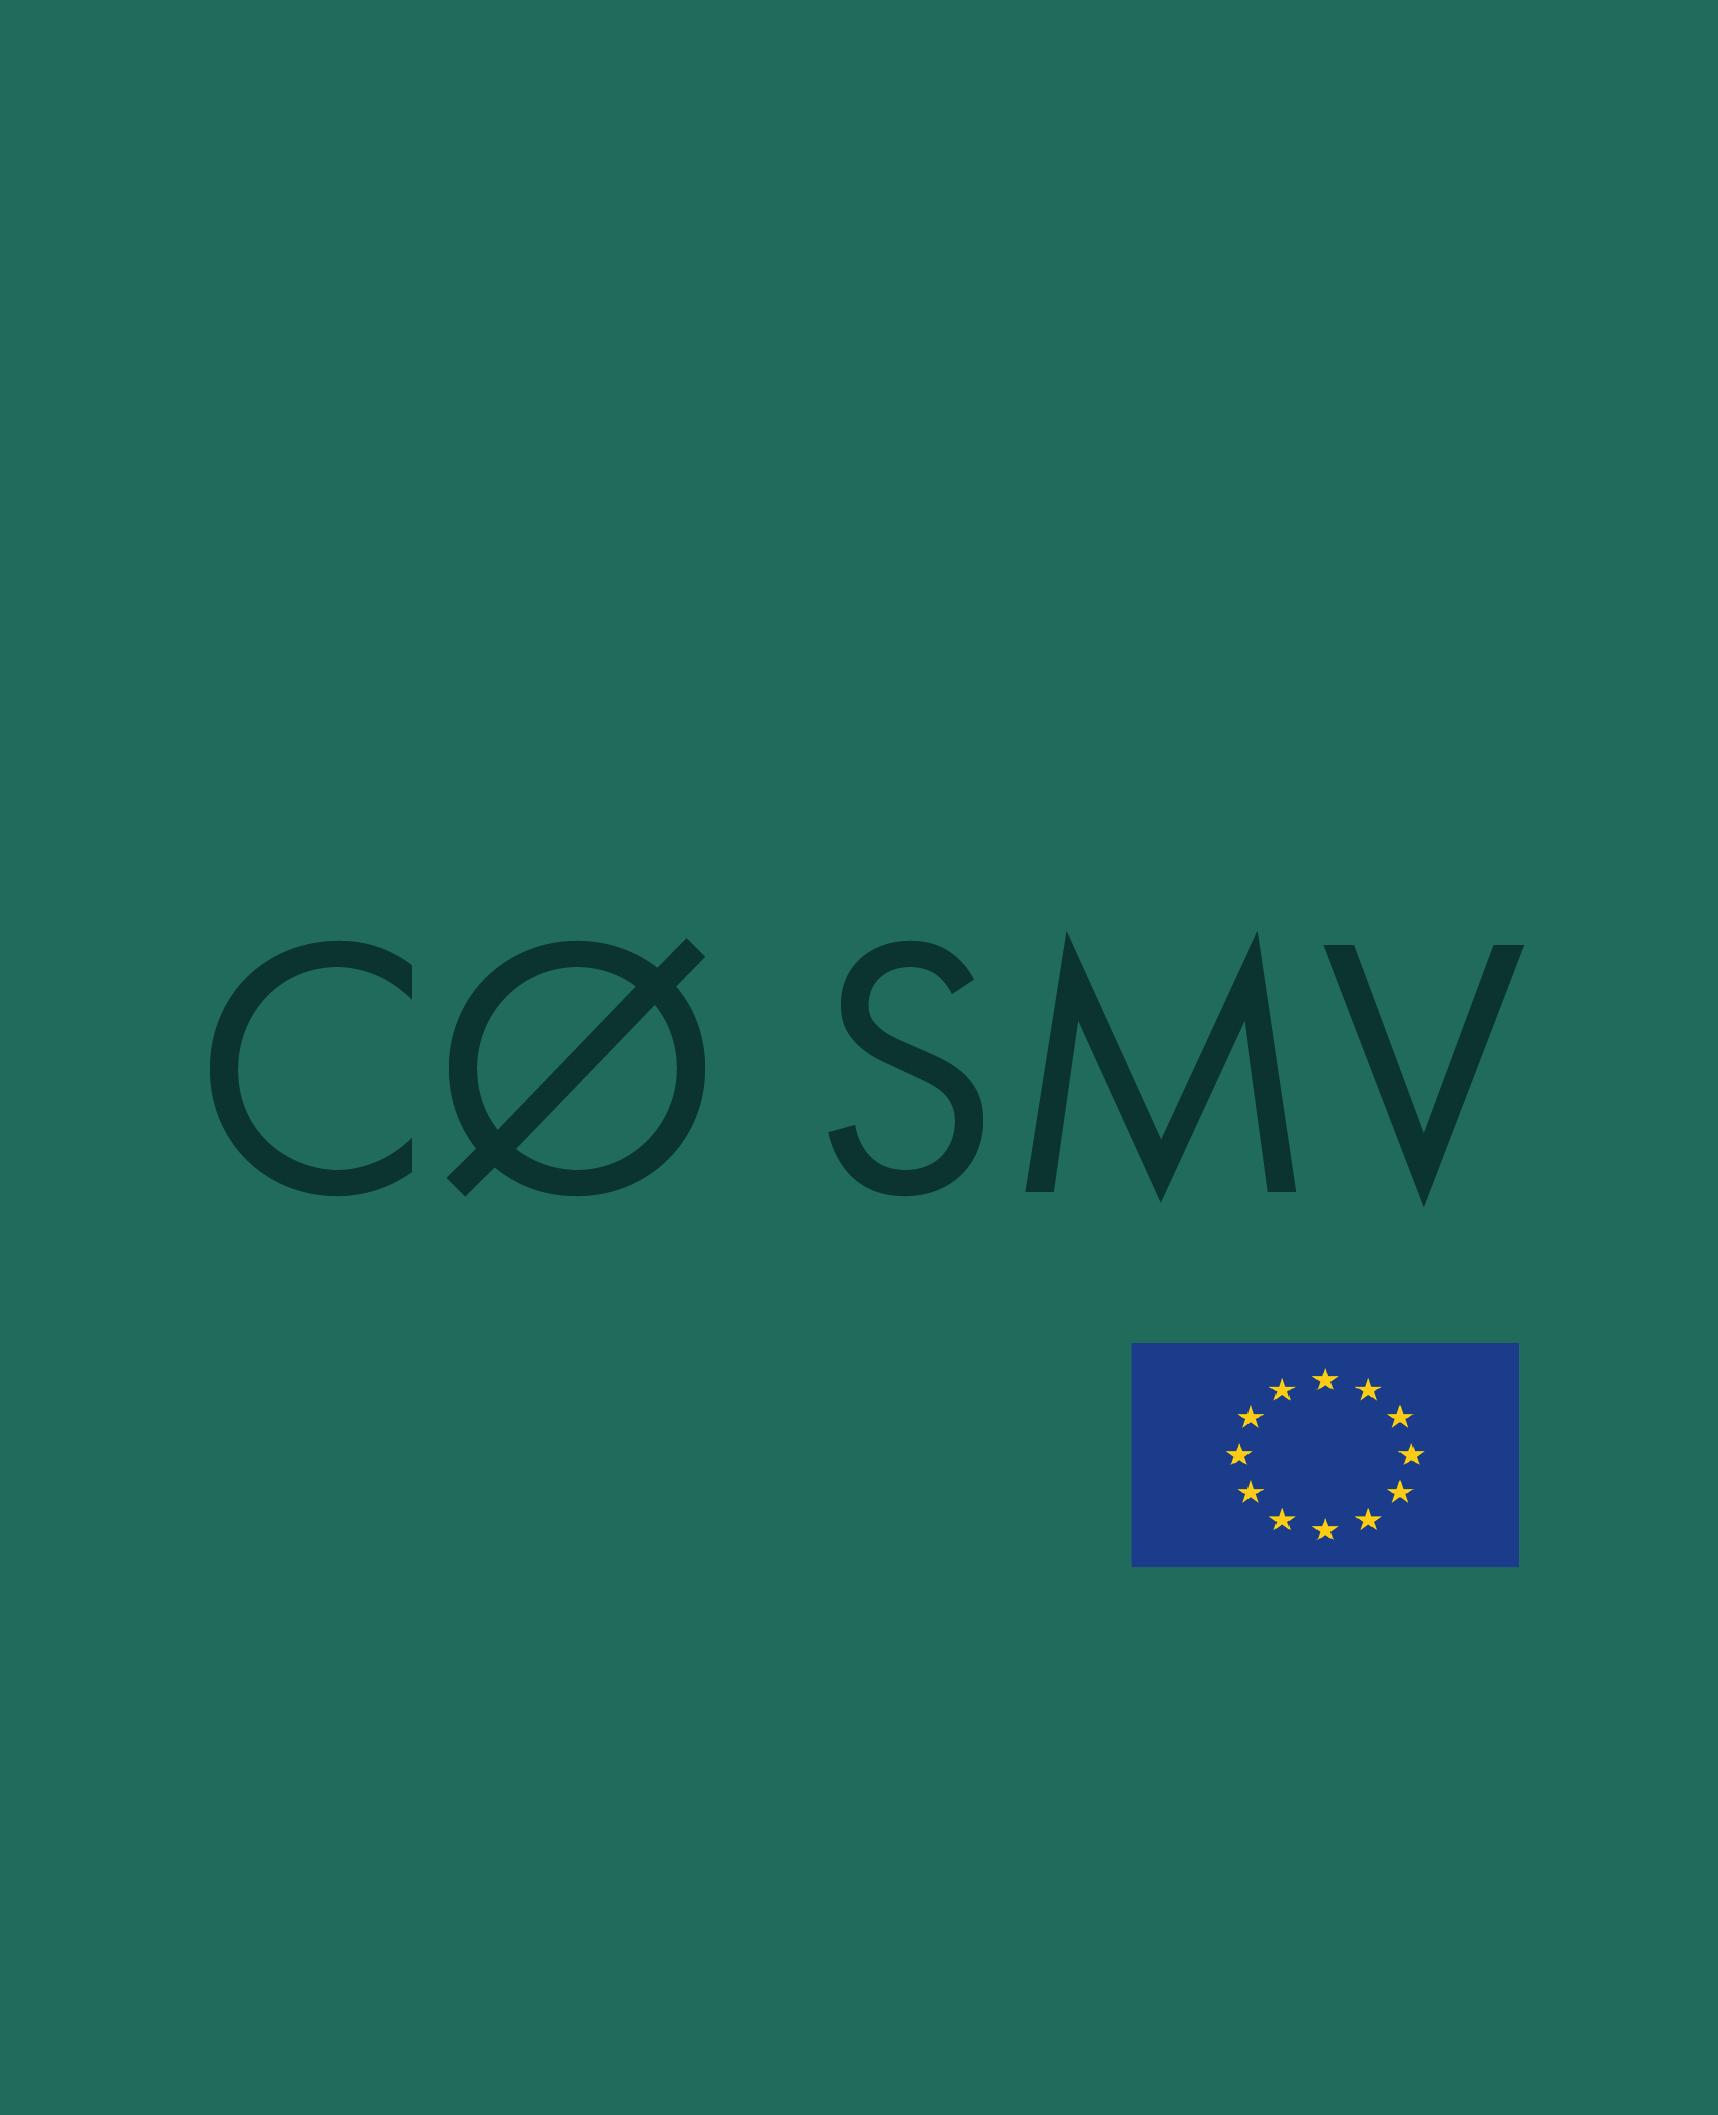 Øget vækst gennem cirkulære forretningsmodeller i SMV'er - CØ SMV - I kan få støtte til at udvikle en cirkulær økonomisk forretningsplan. I arbejder sammen med specialiserede konsulenter og får refunderet op til 100.000 kr. Der er også mulighed for støtte til implementering efterfølgende.Der er i alt 4 åbne ansøgningsrunder i 2019-2020.Næste frist er 22. maj.Programmet er finansieret af EU's Regionalfondsmidler. Optag af 20 virksomheder i hver runde ud fra ansøgning.